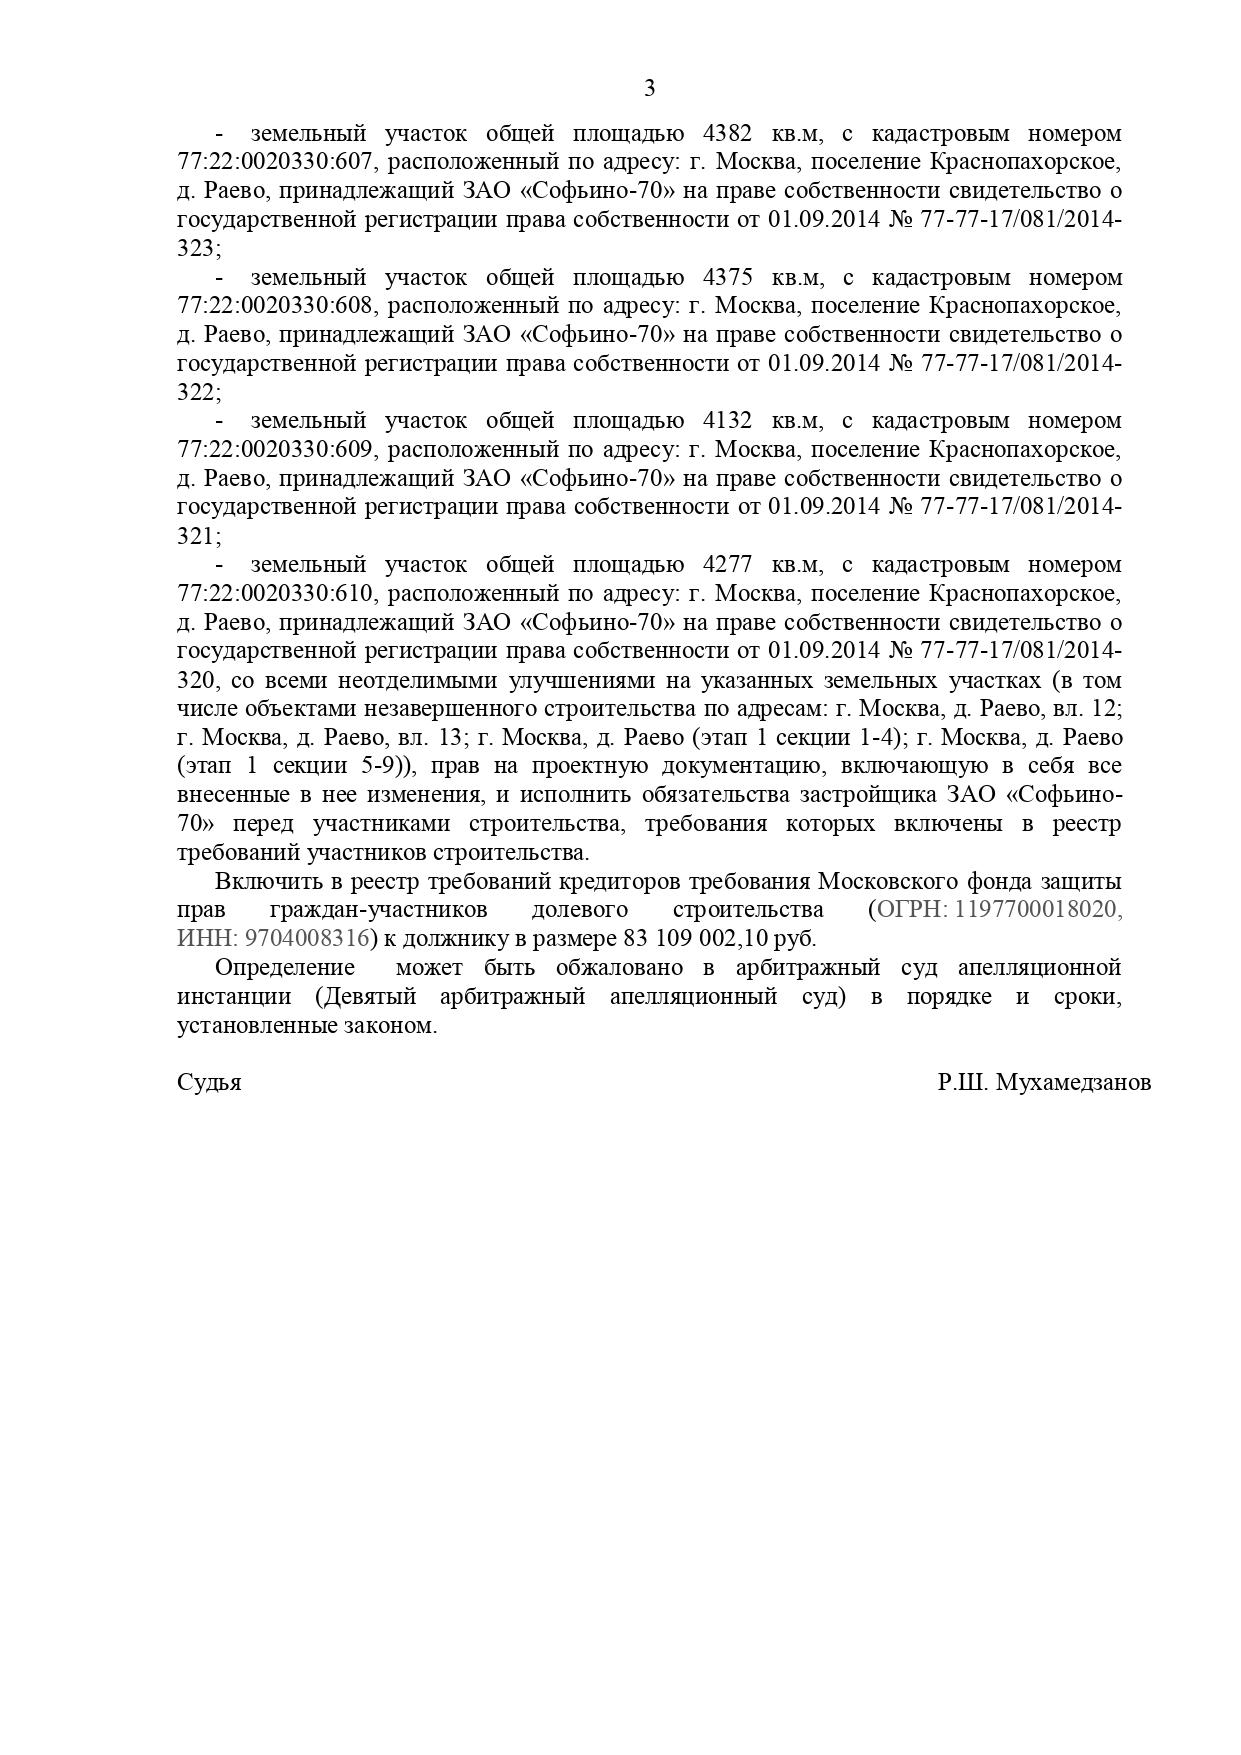 Определение Арбитражного суда города Москвы от 08.12.2020г.